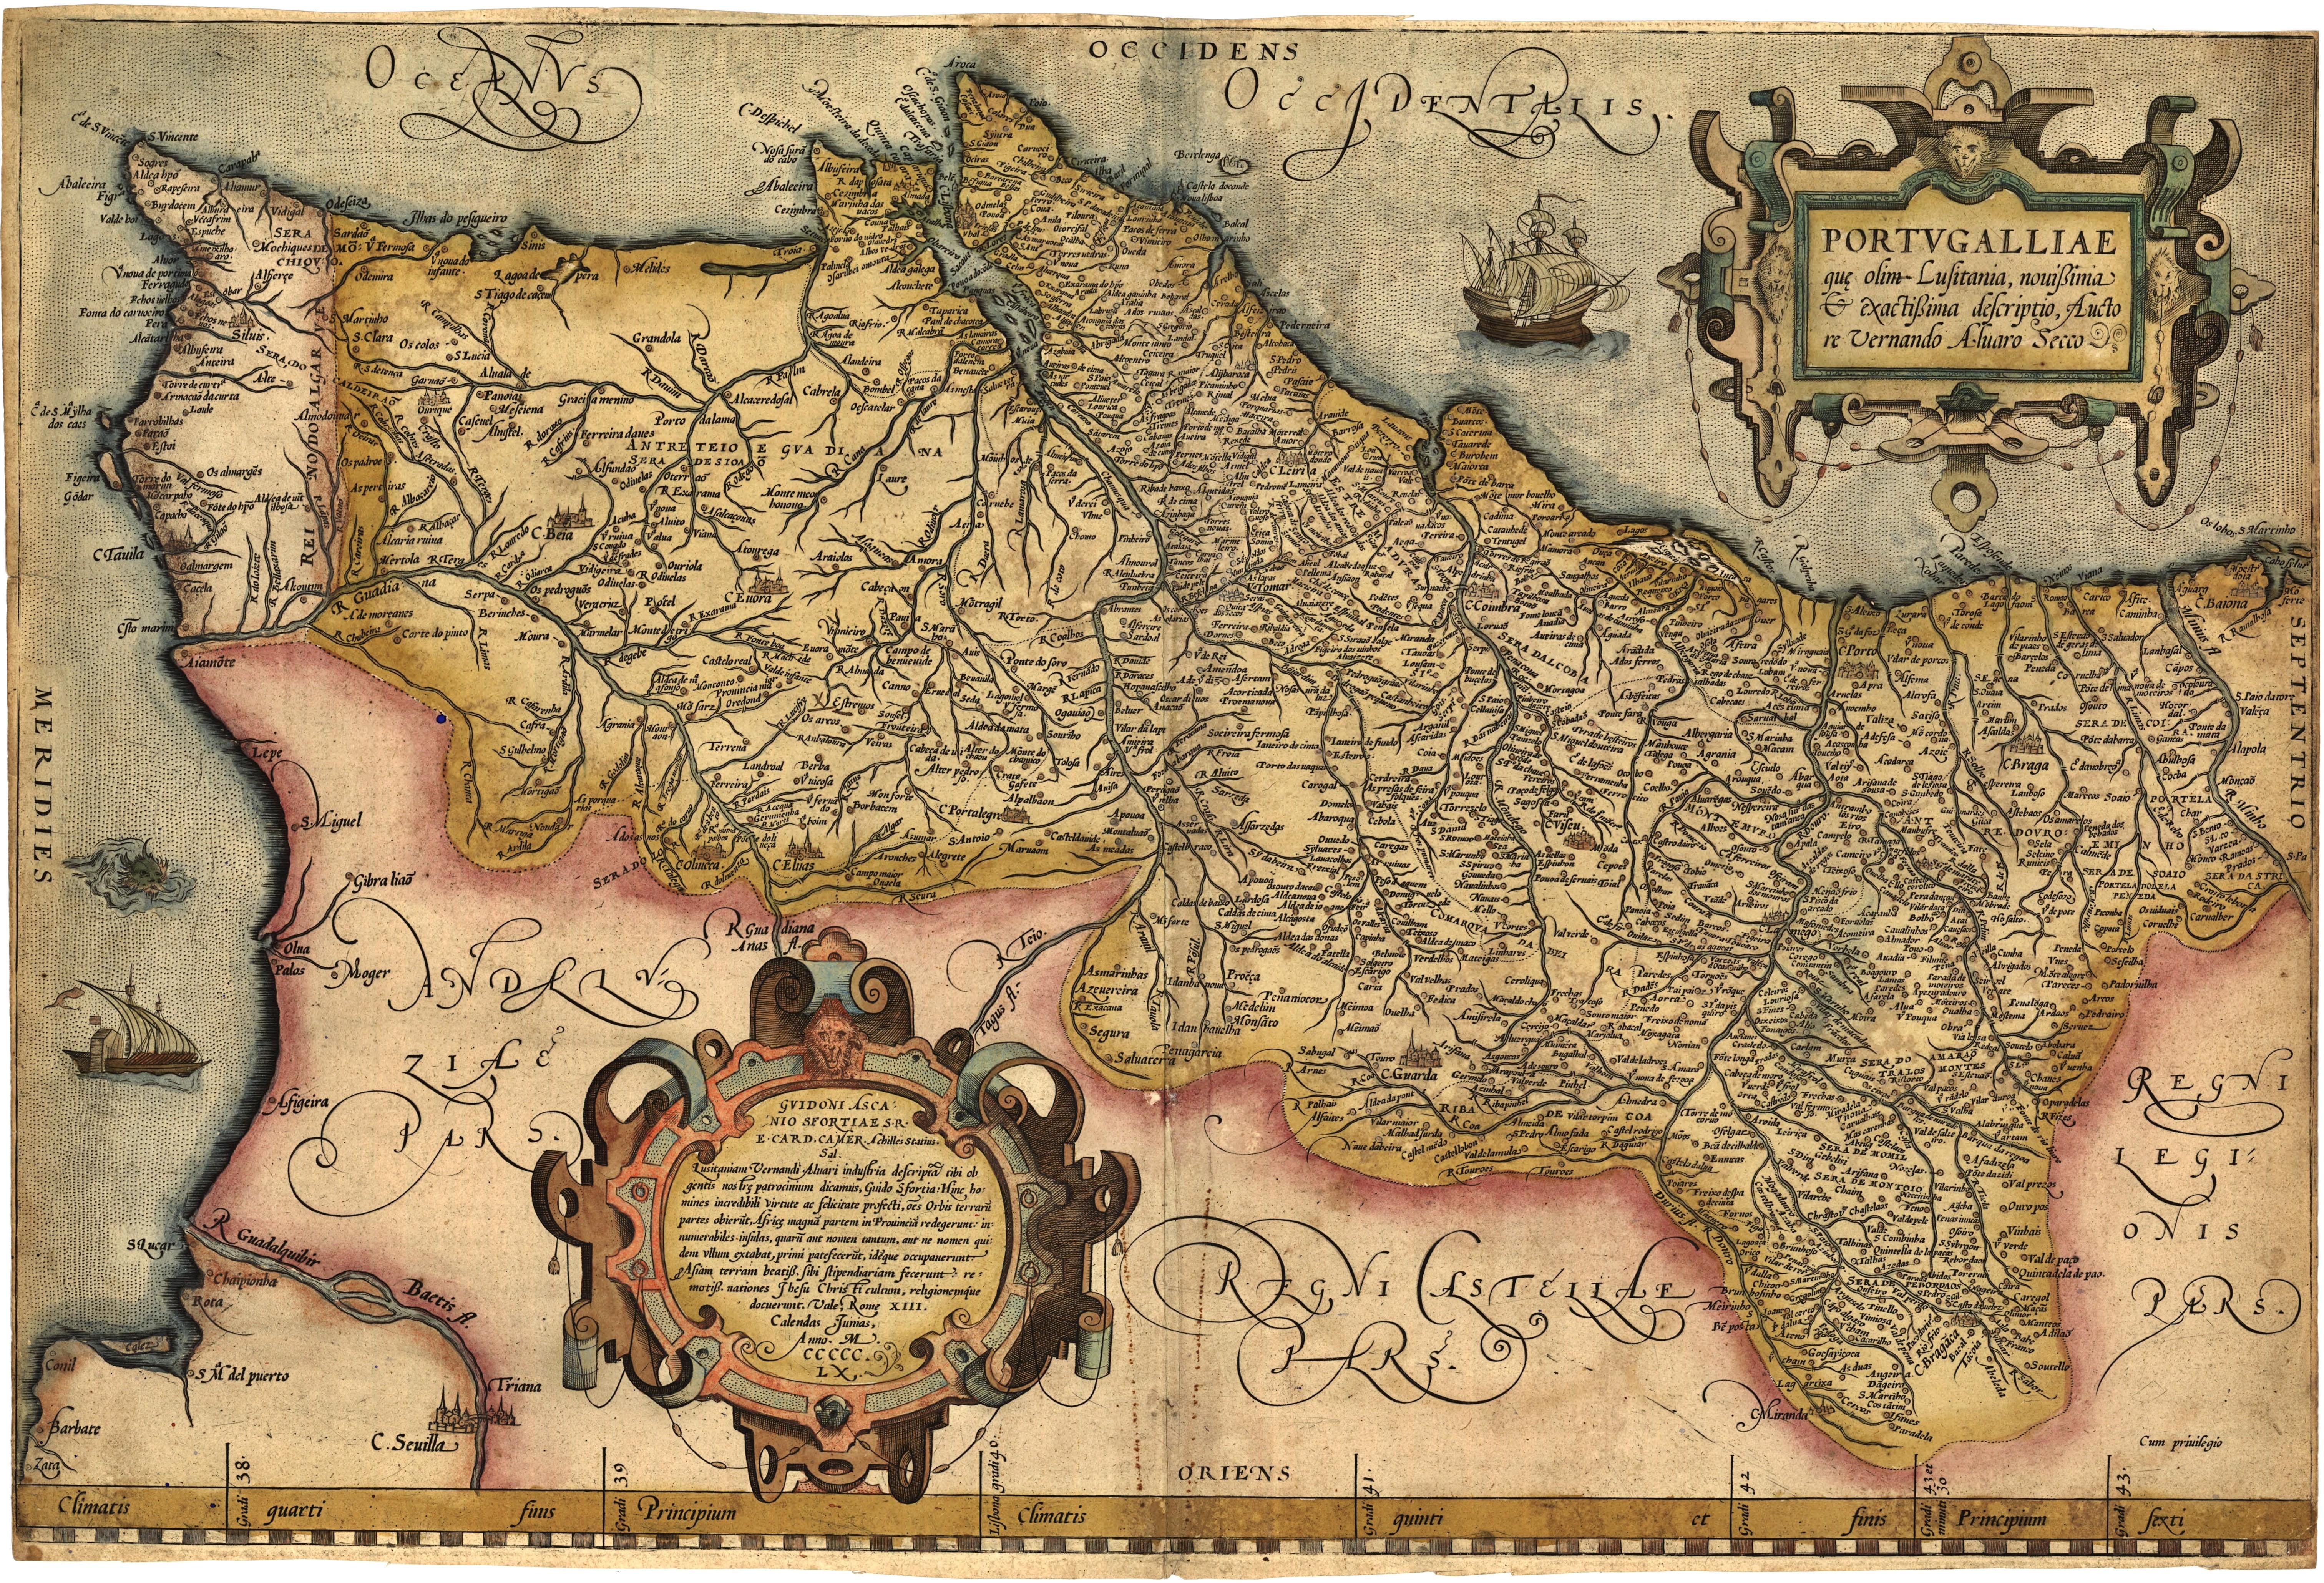 Ficheiro:Portugalliae 1561 (Baseado no primeiro mapa de Portugal)-JM.jpg